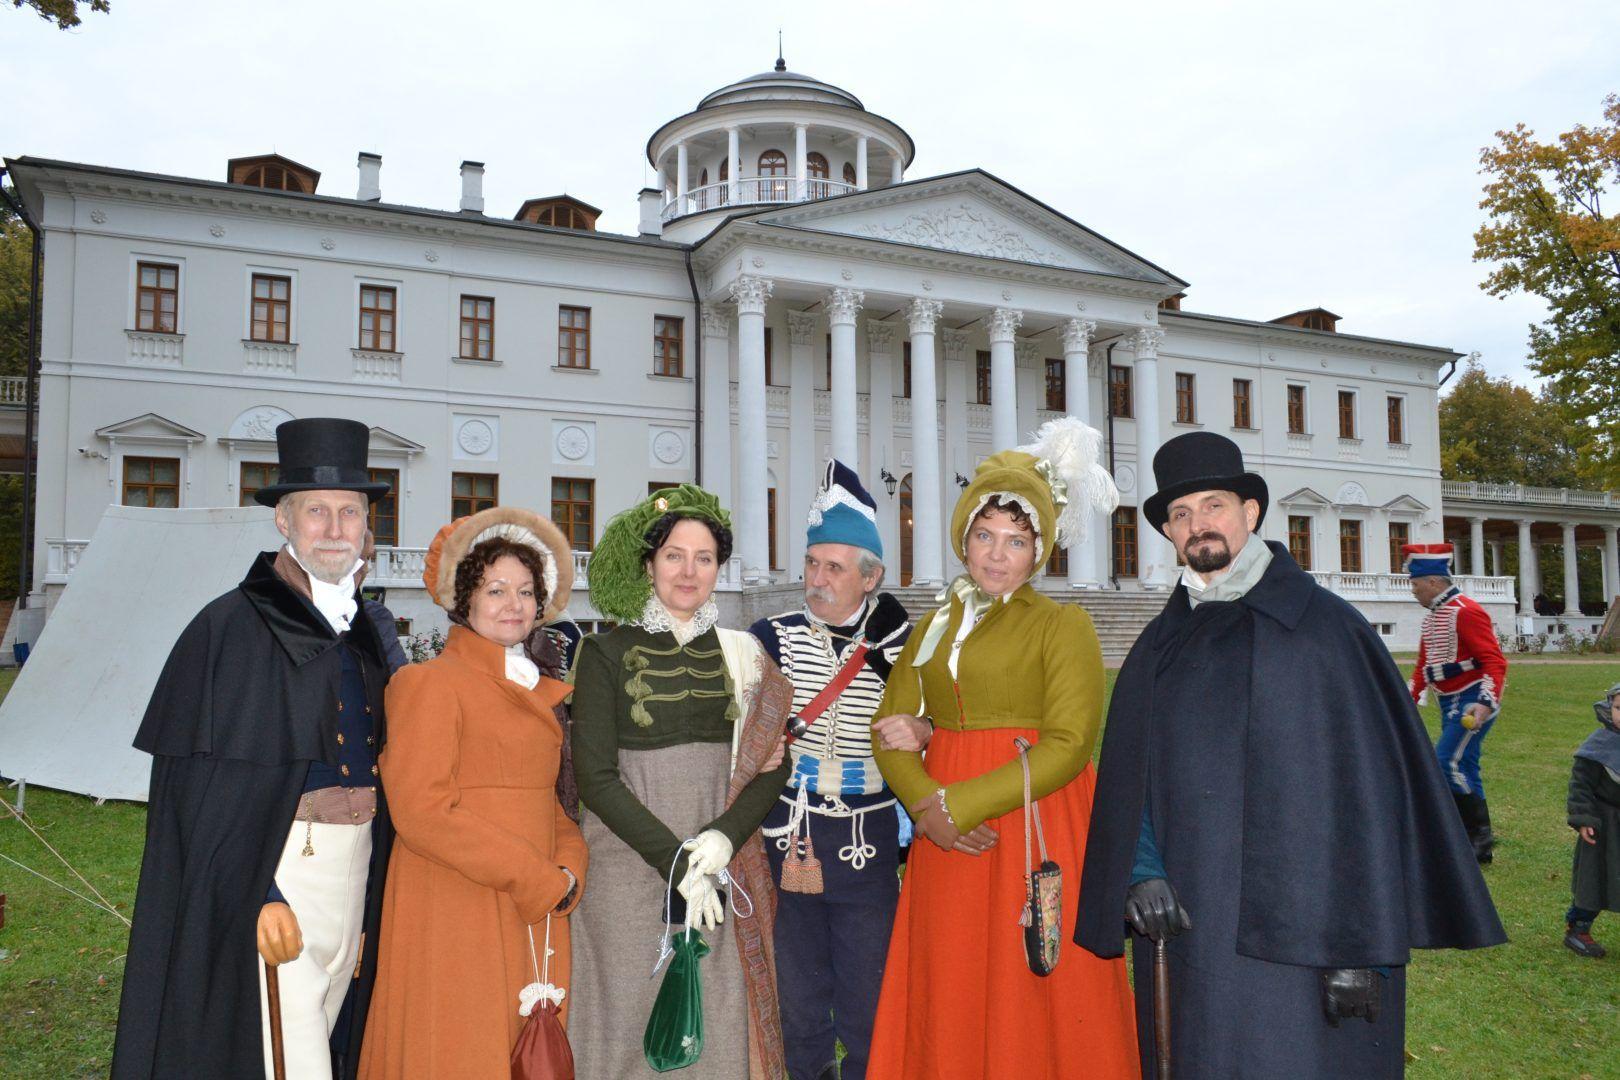 Участники клуба исторический реконструкций приехали на фестиваль в Остафьево. Фото: Алина Берестова